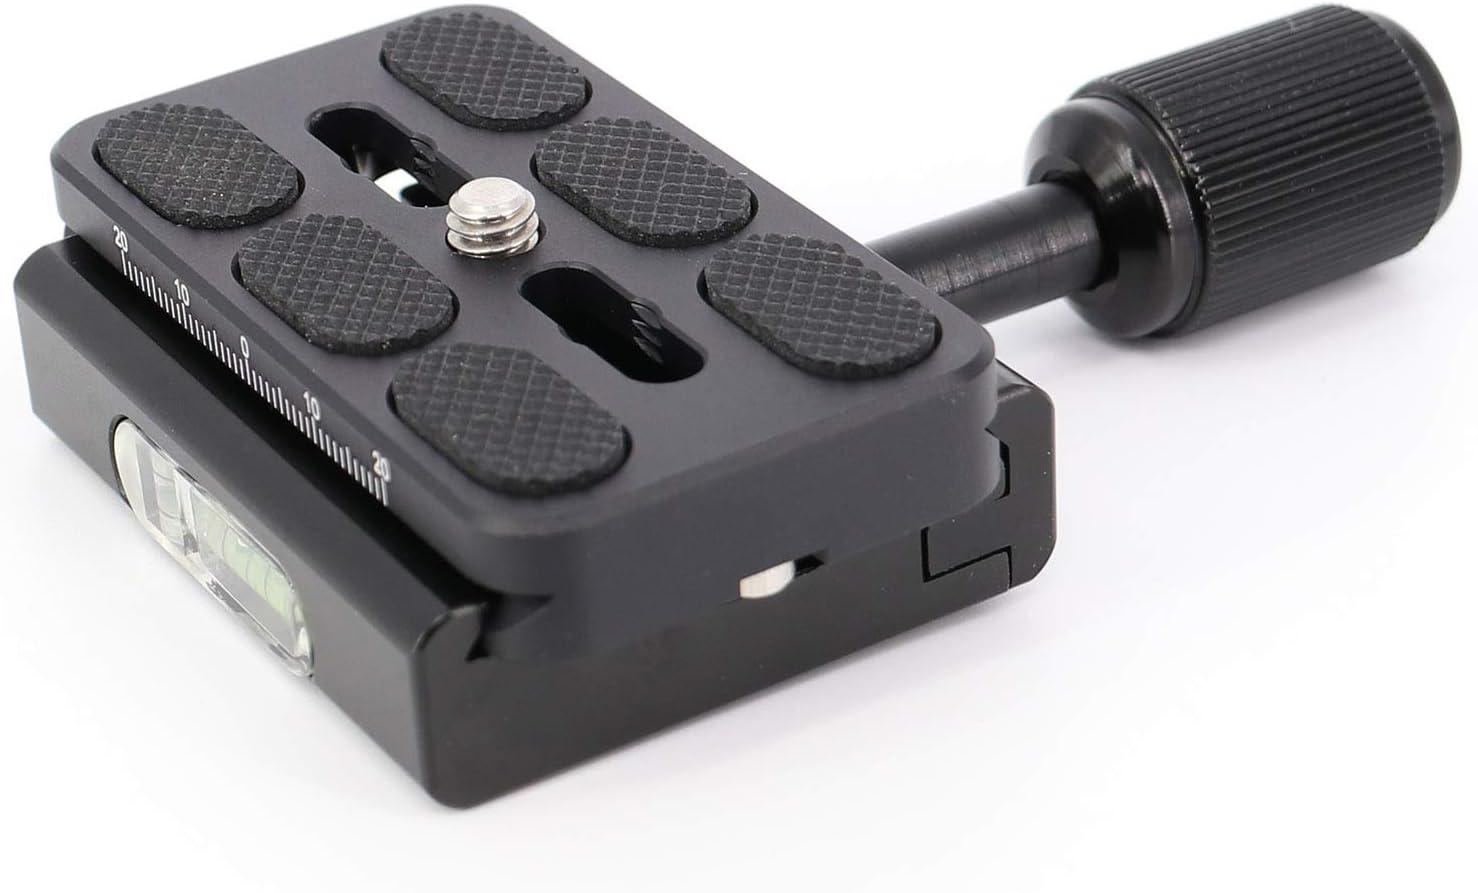 koolehaoda RC2-System Adaptador de liberación rápida para Manfrotto Trípode 200PL-14 compatible Placa de liberación rápida (negro)